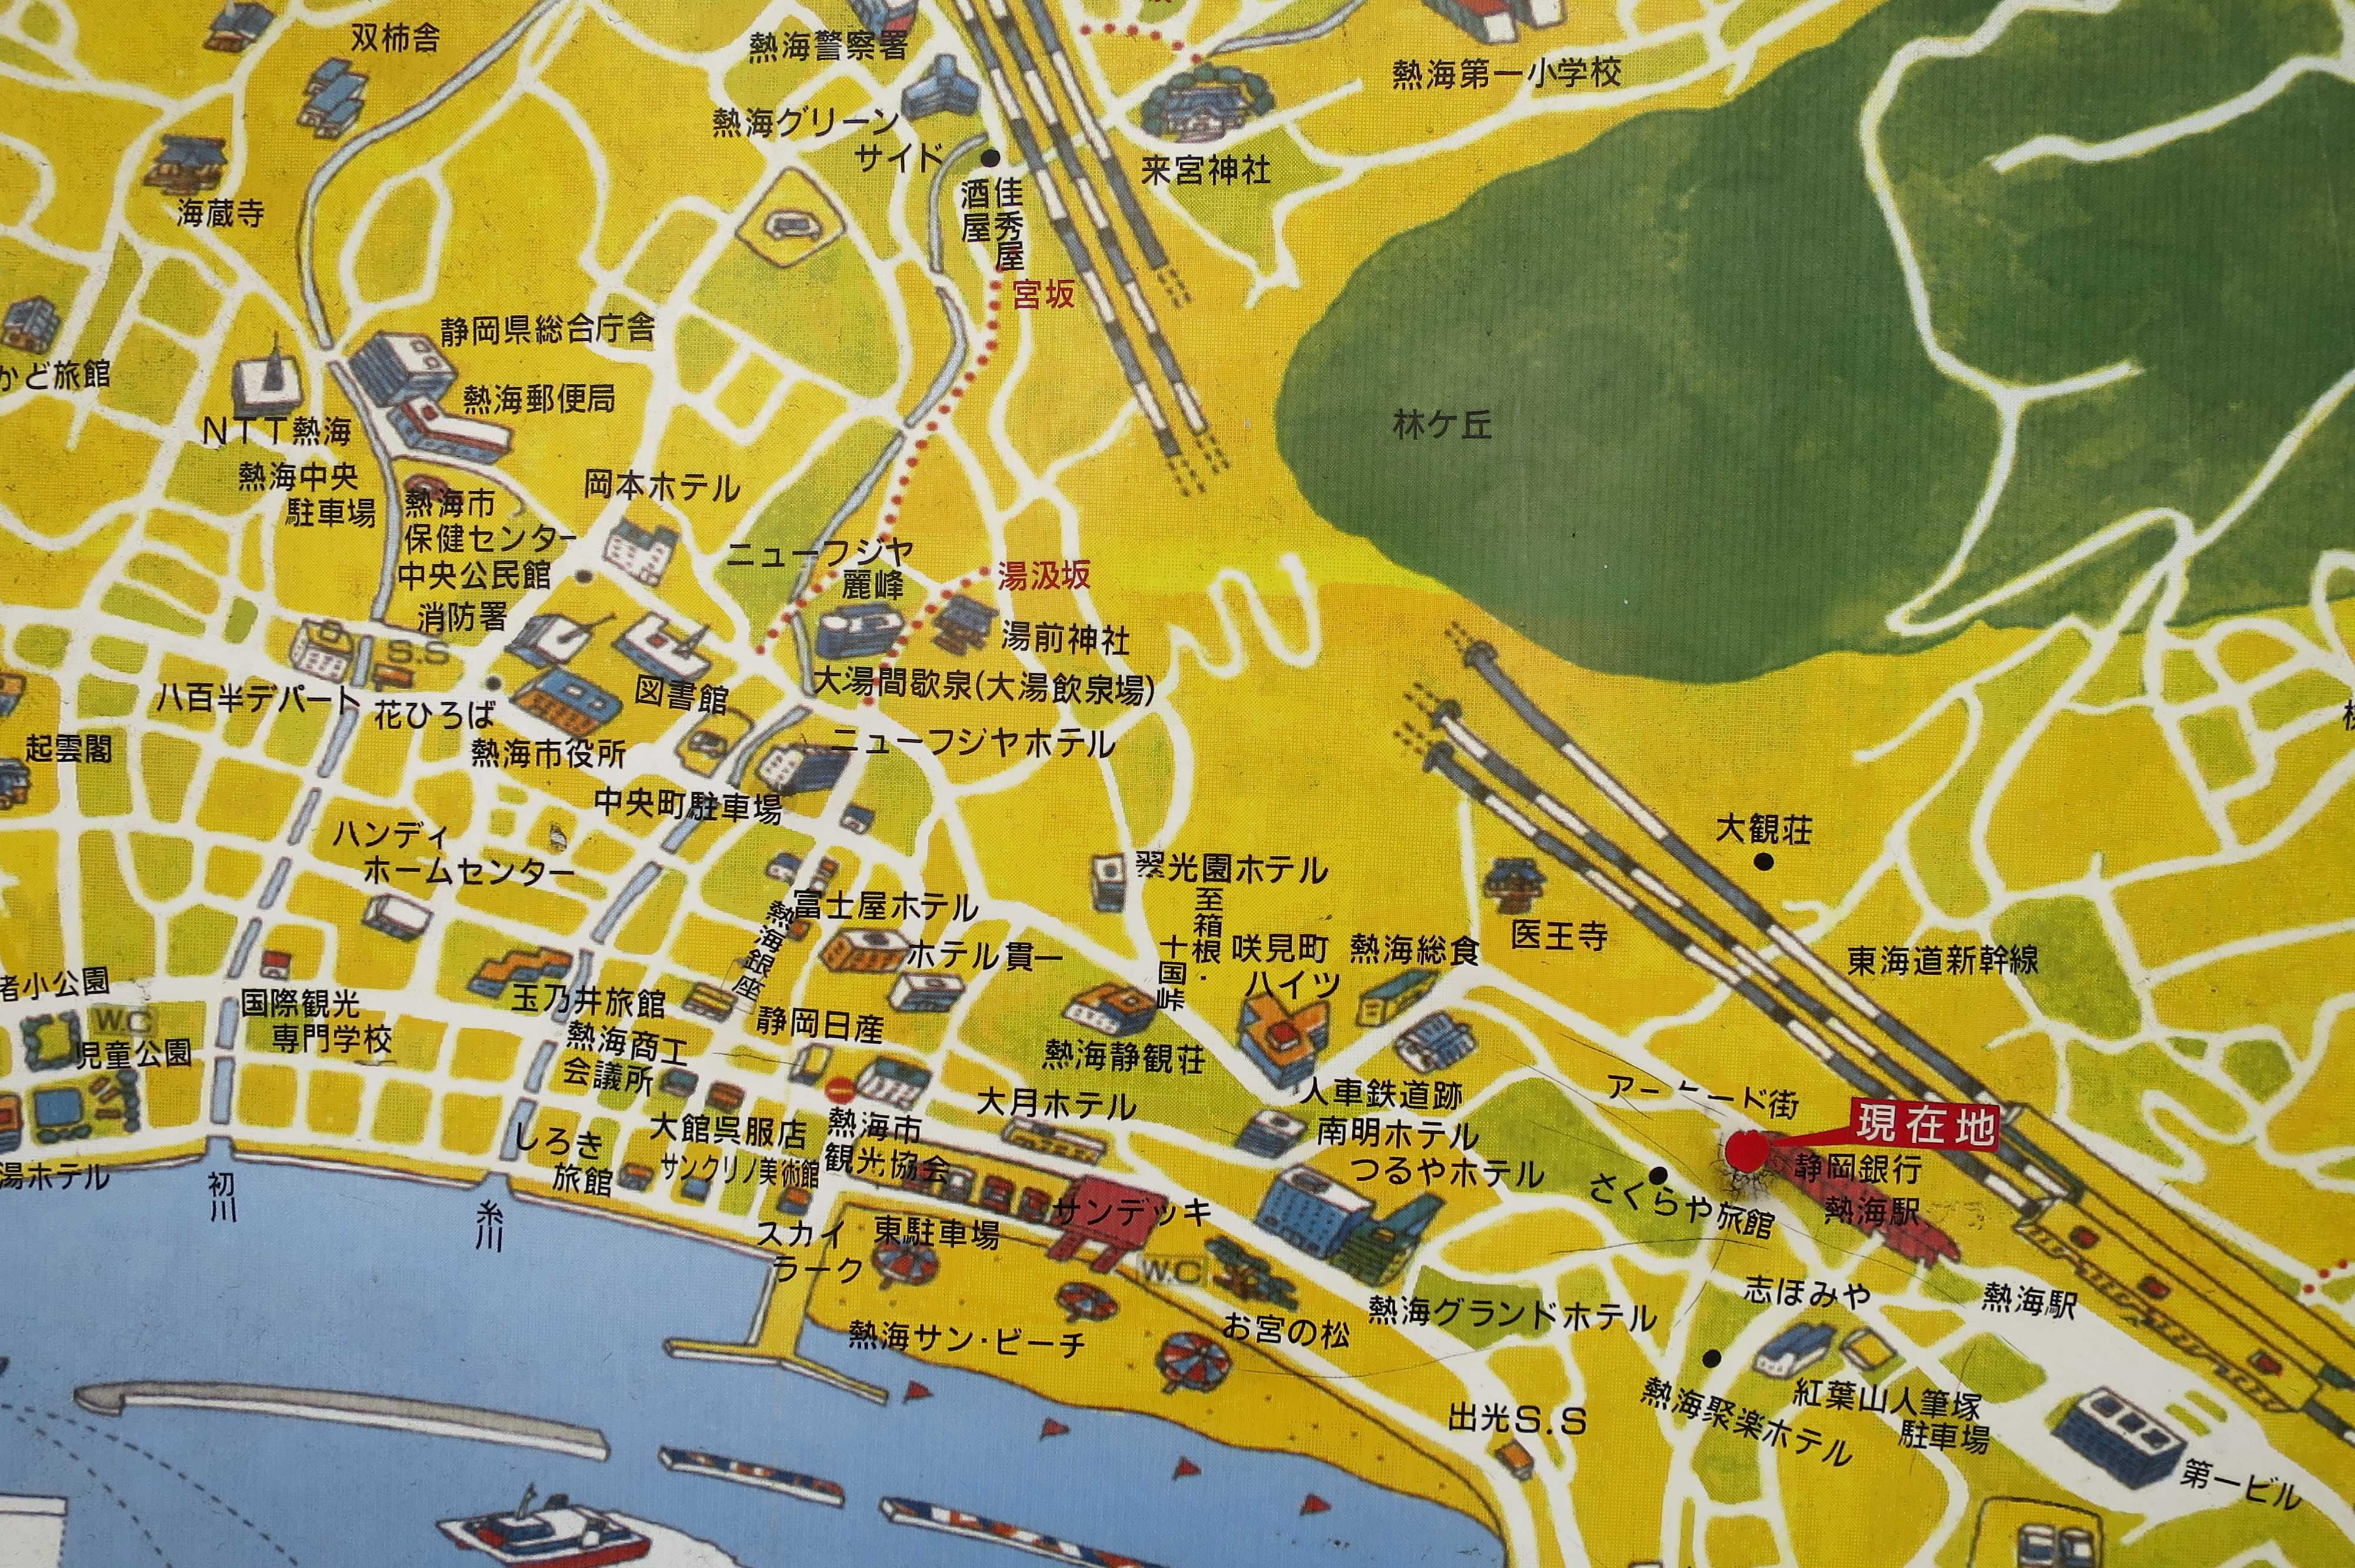 熱海 - 平和通り名店街にあった観光案内図/地図/マップ